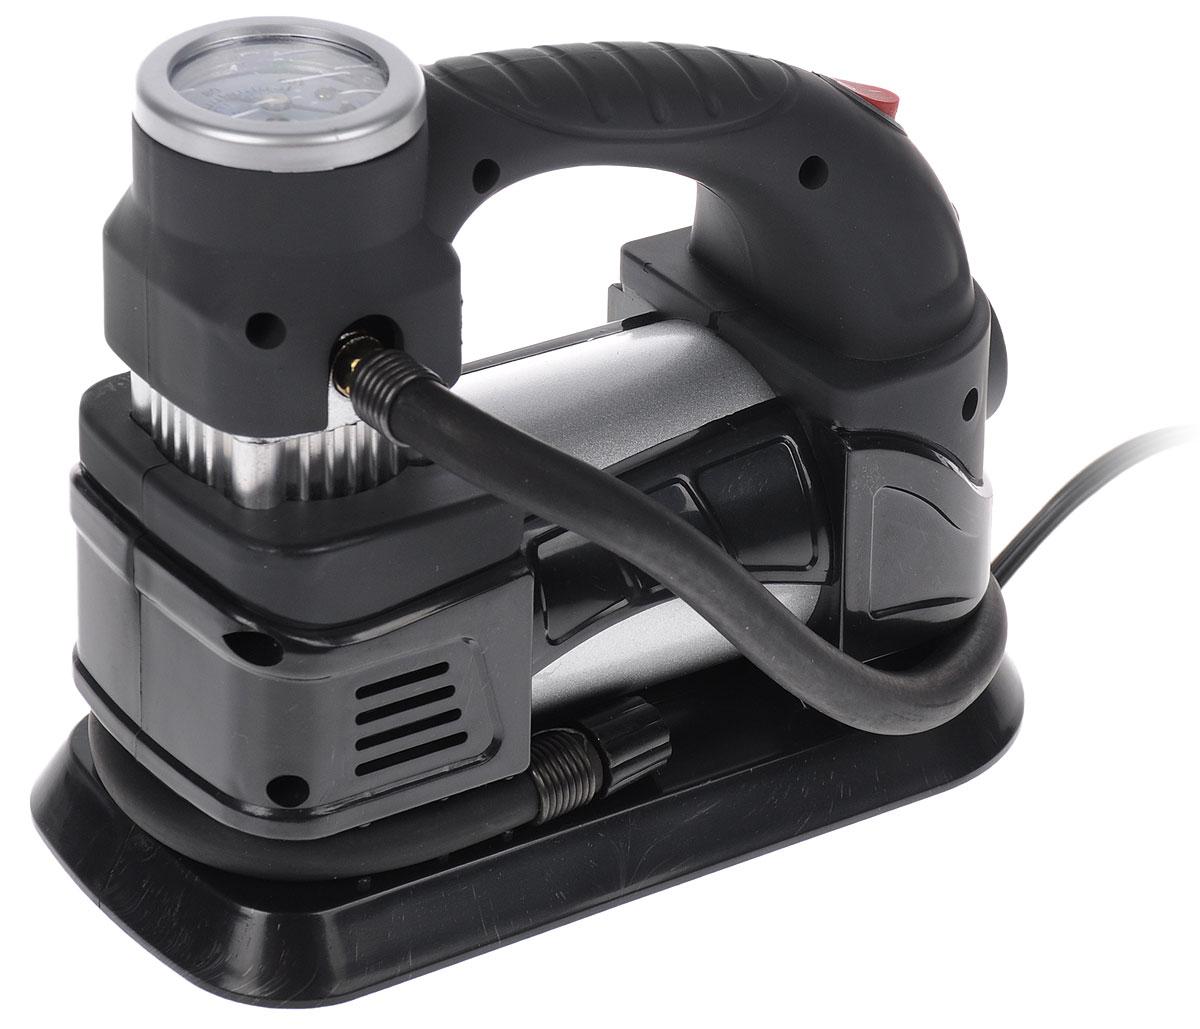 Компрессор автомобильный усиленный Runway Racing, в сумке, 12В. RR137SAC-180Усиленный автомобильный компрессор Runway Racing напряжением 12 В быстро накачает колеса автомобиля и другие изделия из резины. Работает от автомобильного прикуривателя или устройства с подобным гнездом на 12 В. Максимально потребляемый ток составляет 10 А. Компрессор оснащен манометром со шкалой до 100 PSI и встроенным фонарем.В комплекте сменные насадки для накачки и сумка для переноски и хранения.Мощность мотора: 120 Ватт. Диаметр цилиндра: 30 мм. Максимальное давление, создаваемое компрессором: 7,25 атм. Производительность: 30 л/мин.Длина шнура питания: 3 м.Длина шланга: 55 см.